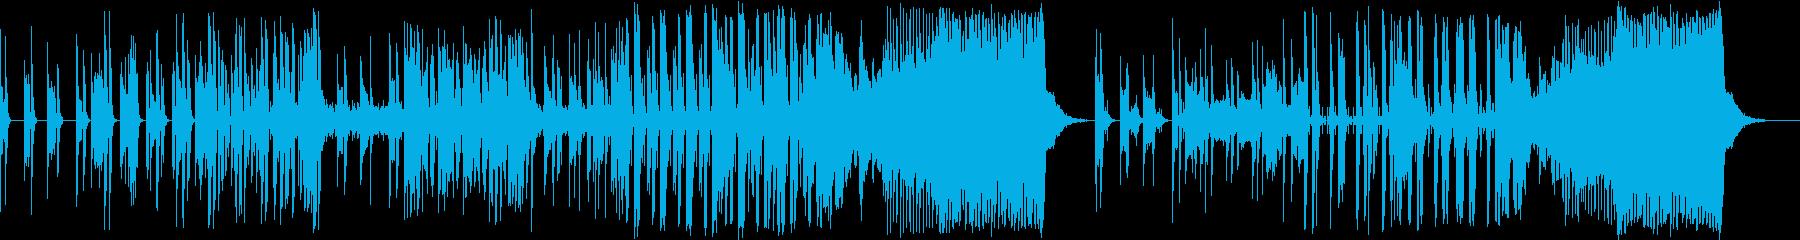 シンセを使った不穏なドラムンベースの再生済みの波形